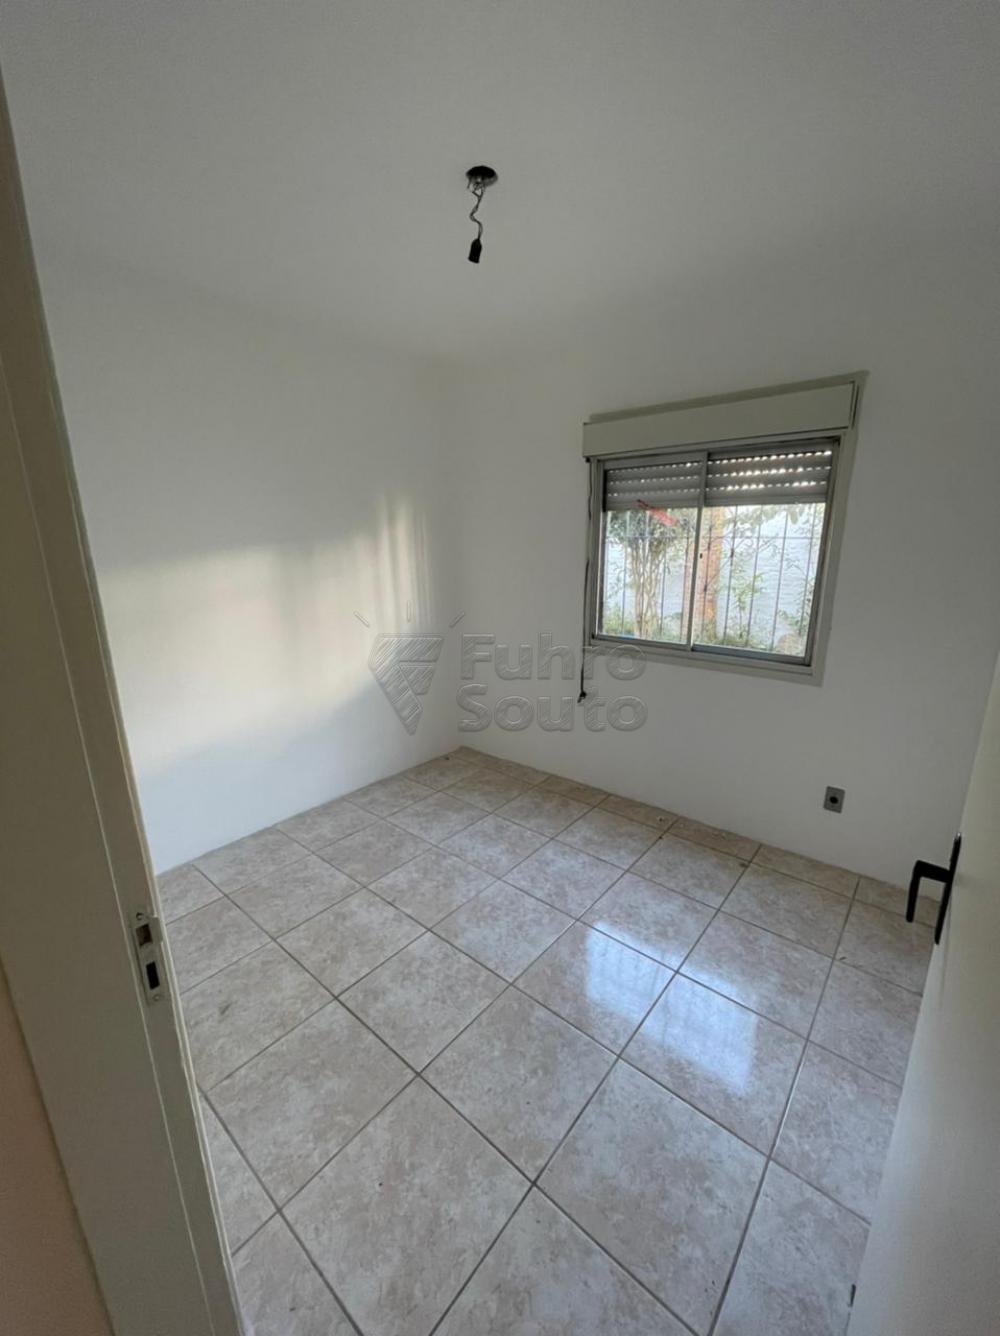 Alugar Apartamento / Padrão em Pelotas R$ 450,00 - Foto 7